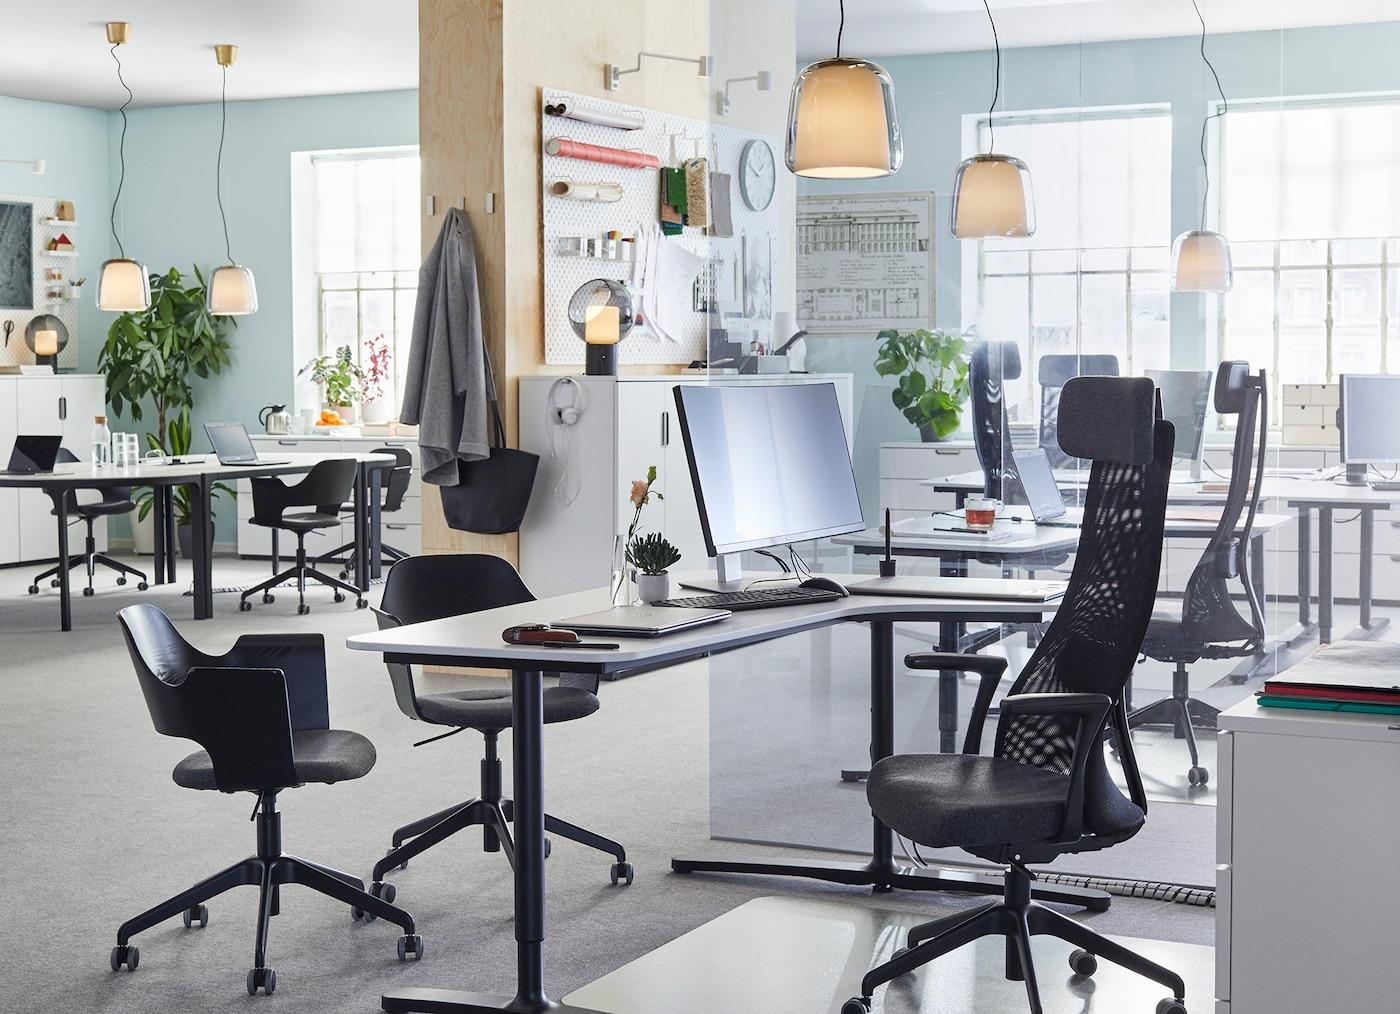 Ein Büro, in dem man sich wohlfühlt mit schwarzen JÄRVFJÄLLET Drehstühlen & weißen BEKANT Tischen